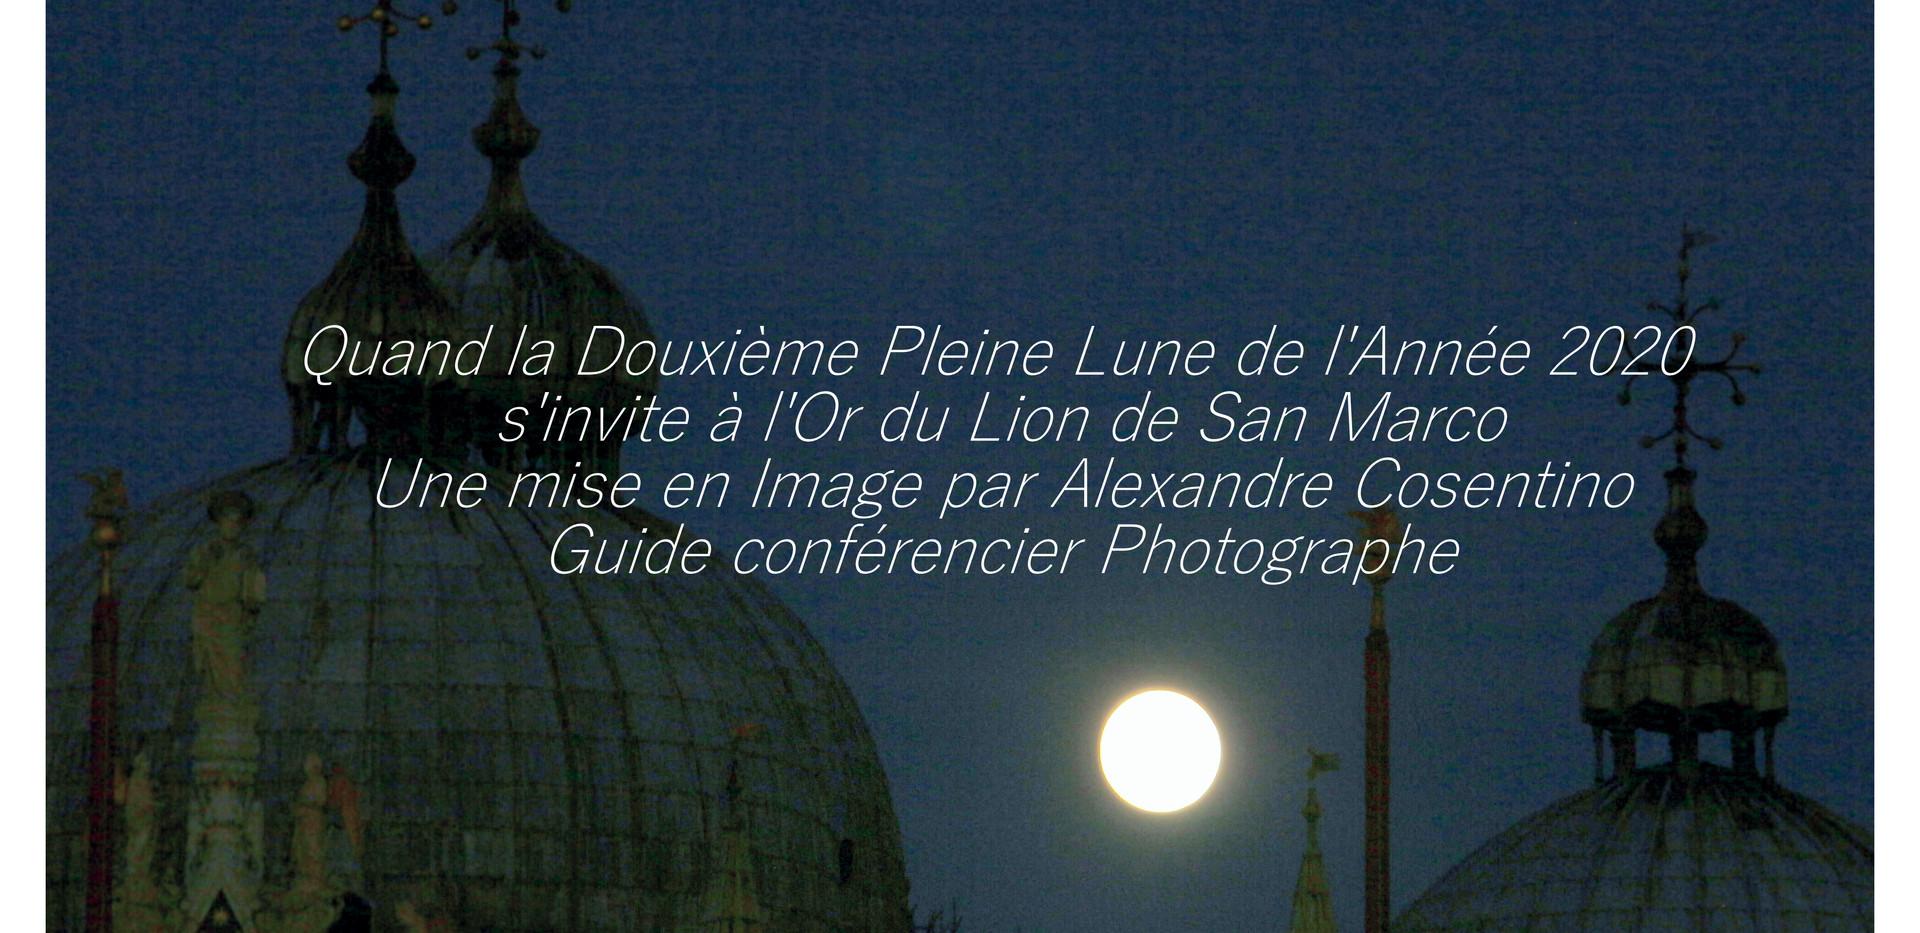 La 12eme Lune et San Marco by Alexandre Cosentino